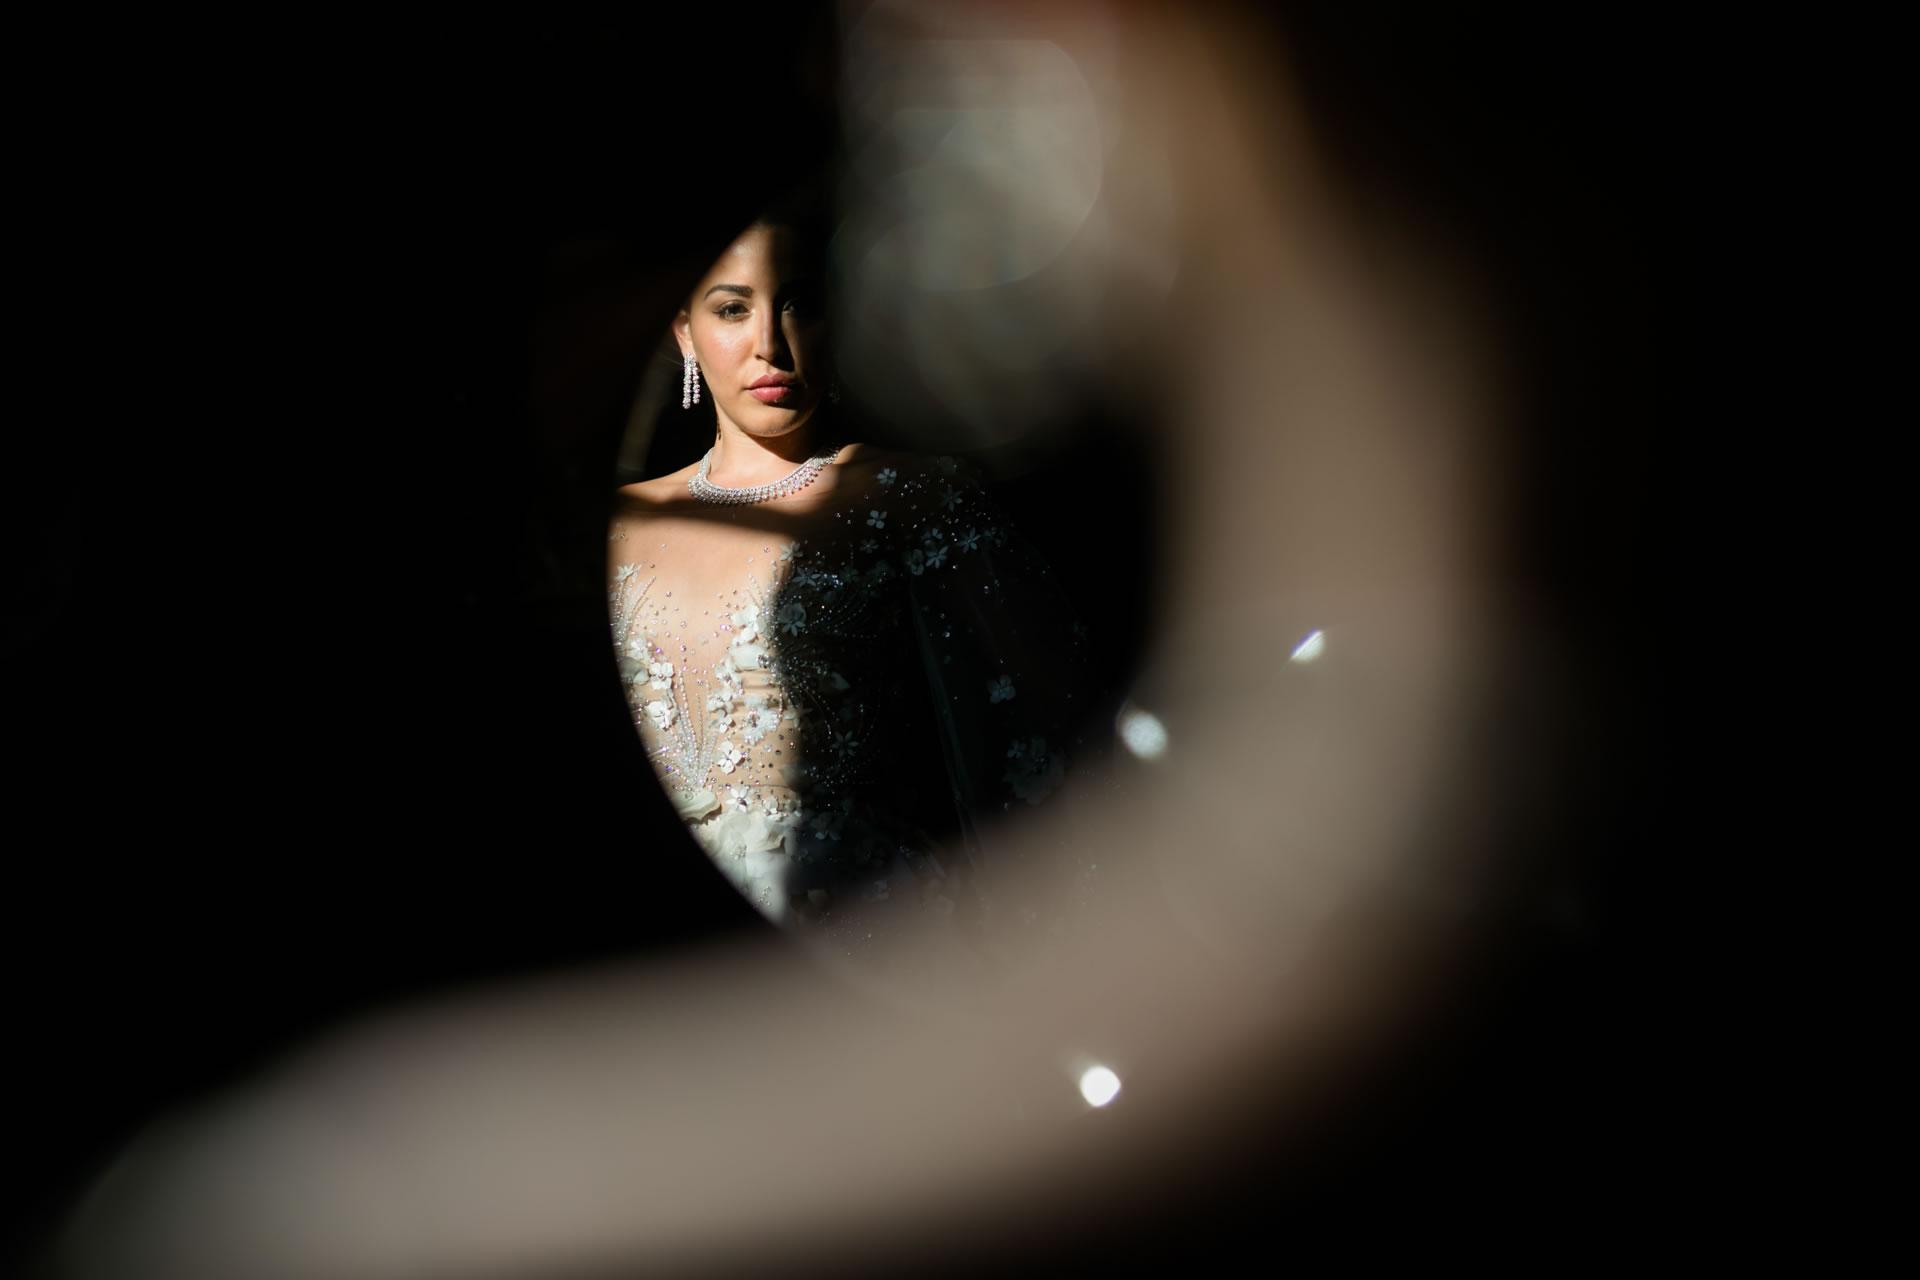 Reflection - 5 :: Luxury wedding at Il Borro :: Luxury wedding photography - 4 :: Reflection - 5